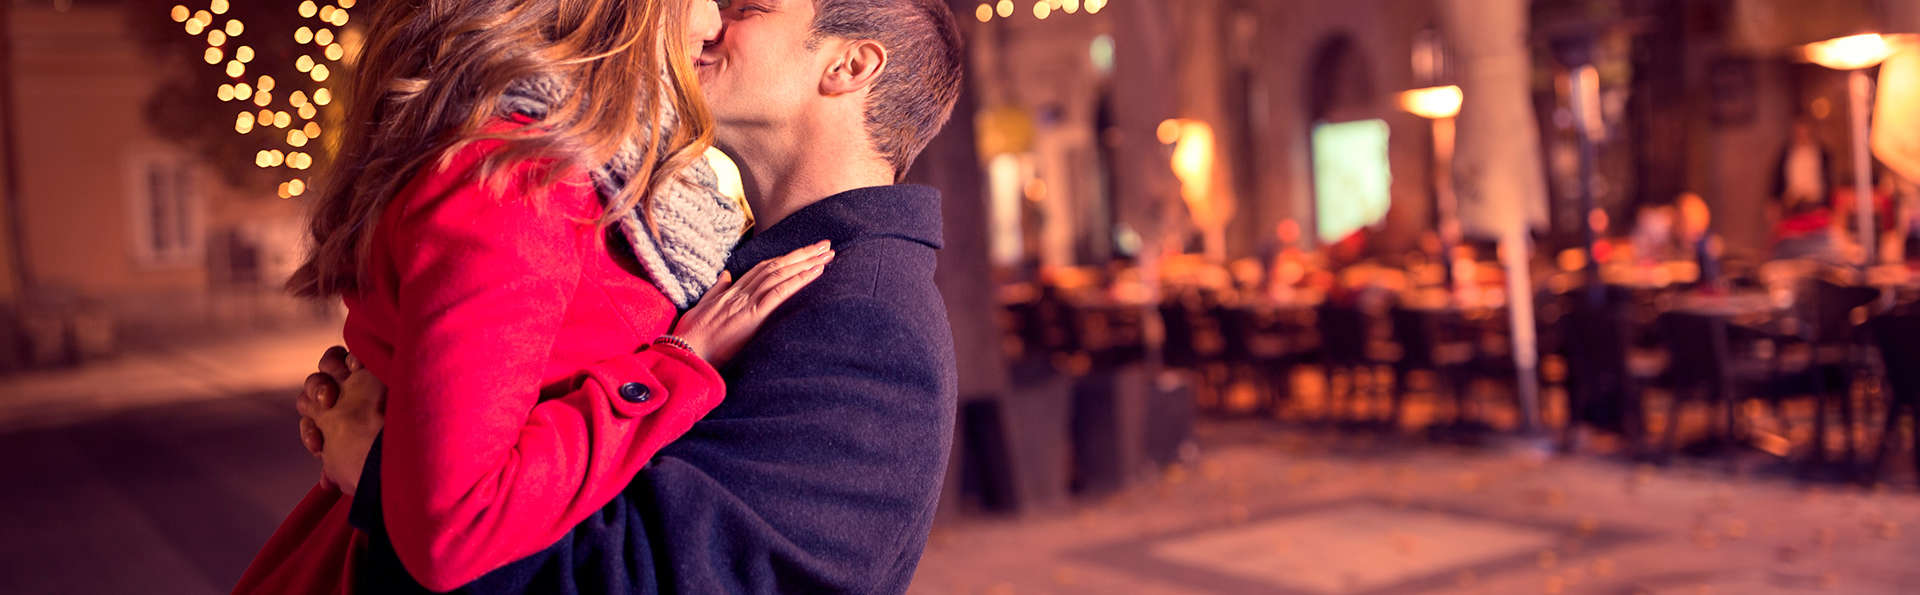 Valentijnspecial: Liefde is...romantiek en samen zijn in hartje Brussel